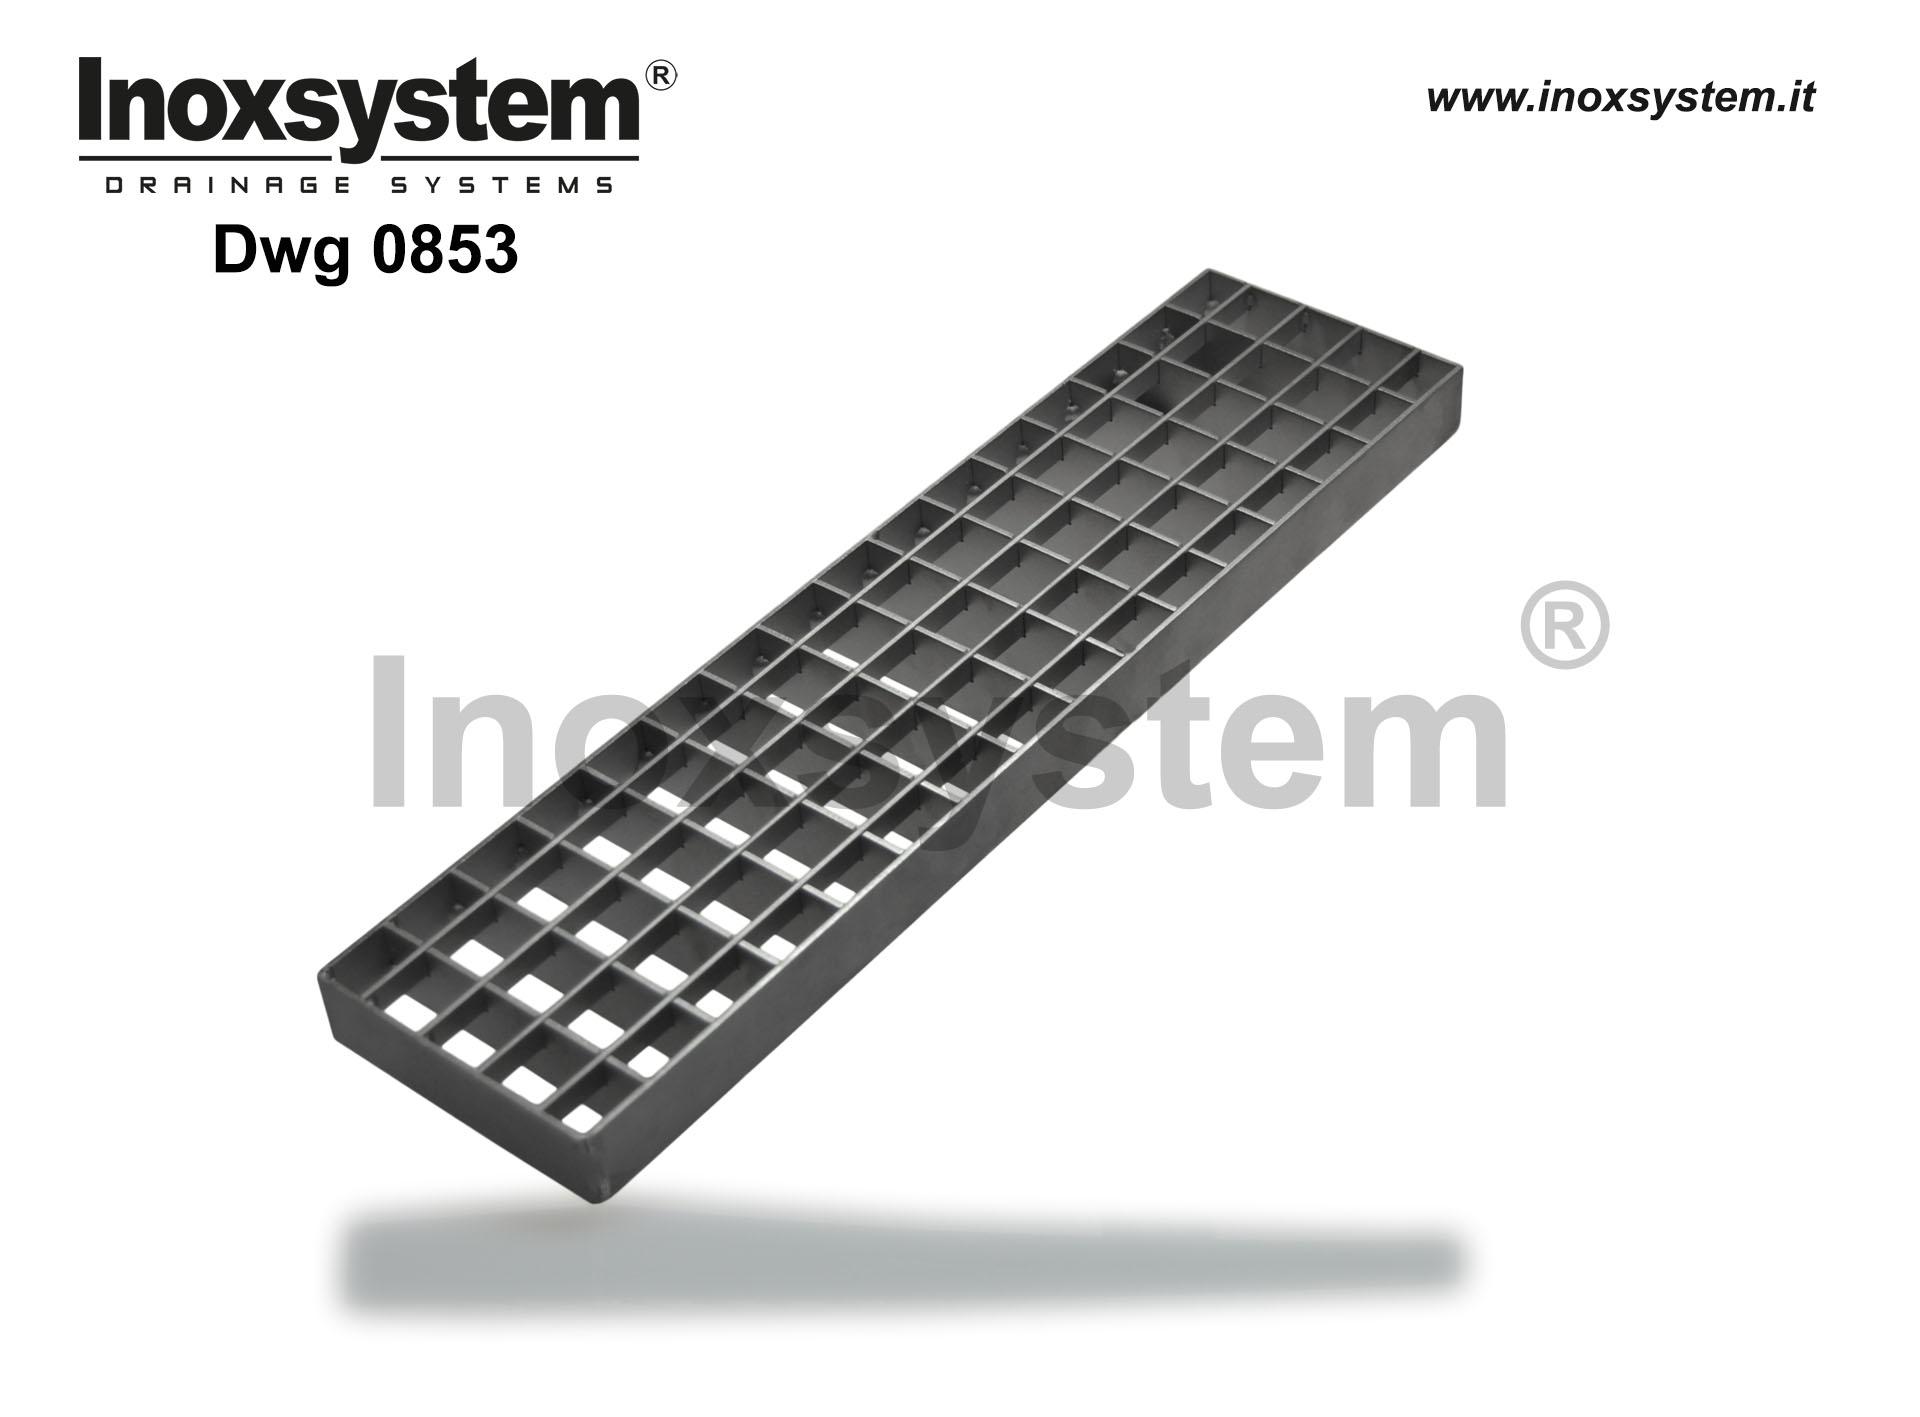 Standard gratings in stainless steel